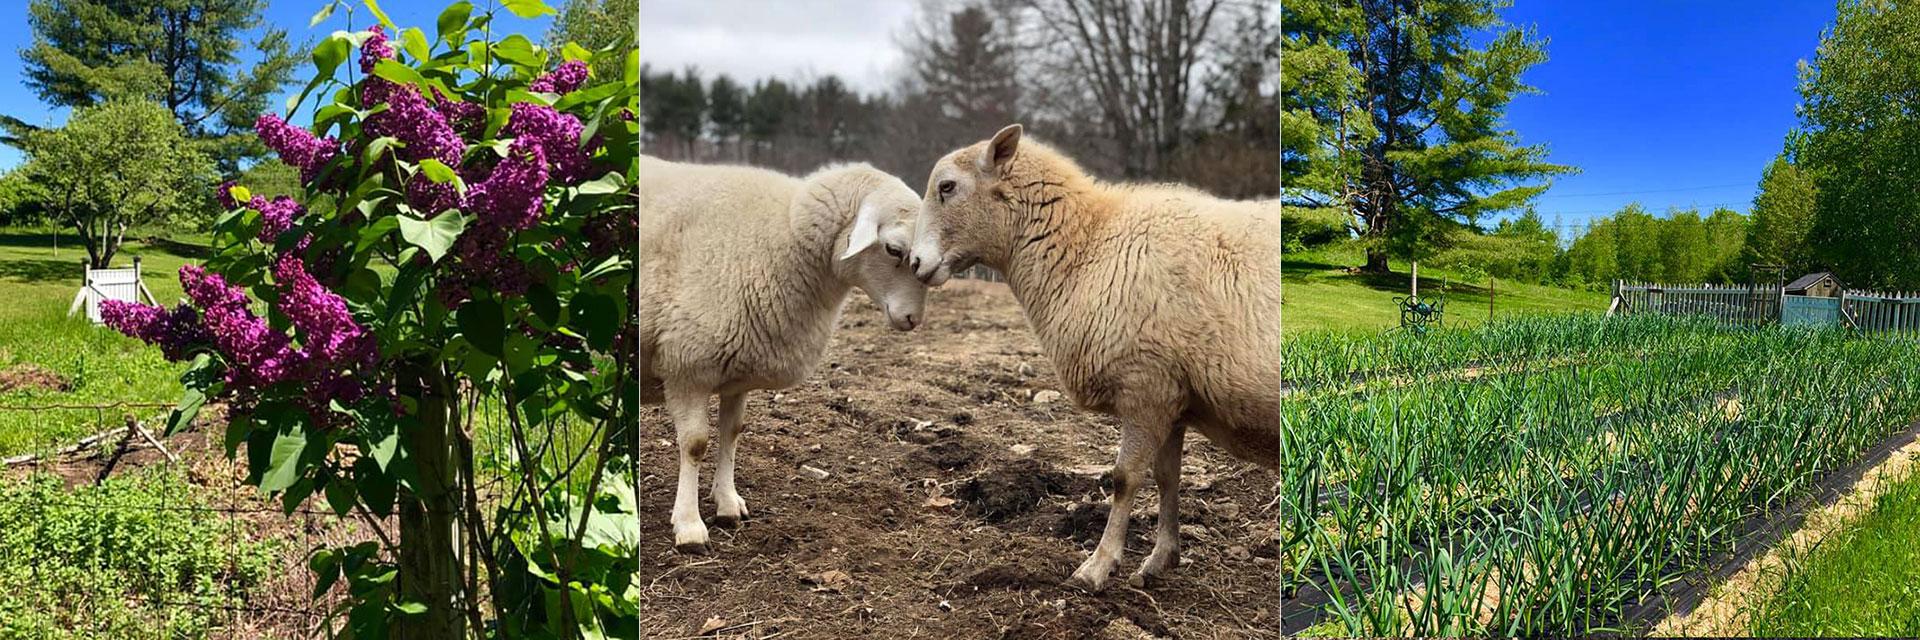 Sheep at Three Charm Farm Alfred Maine